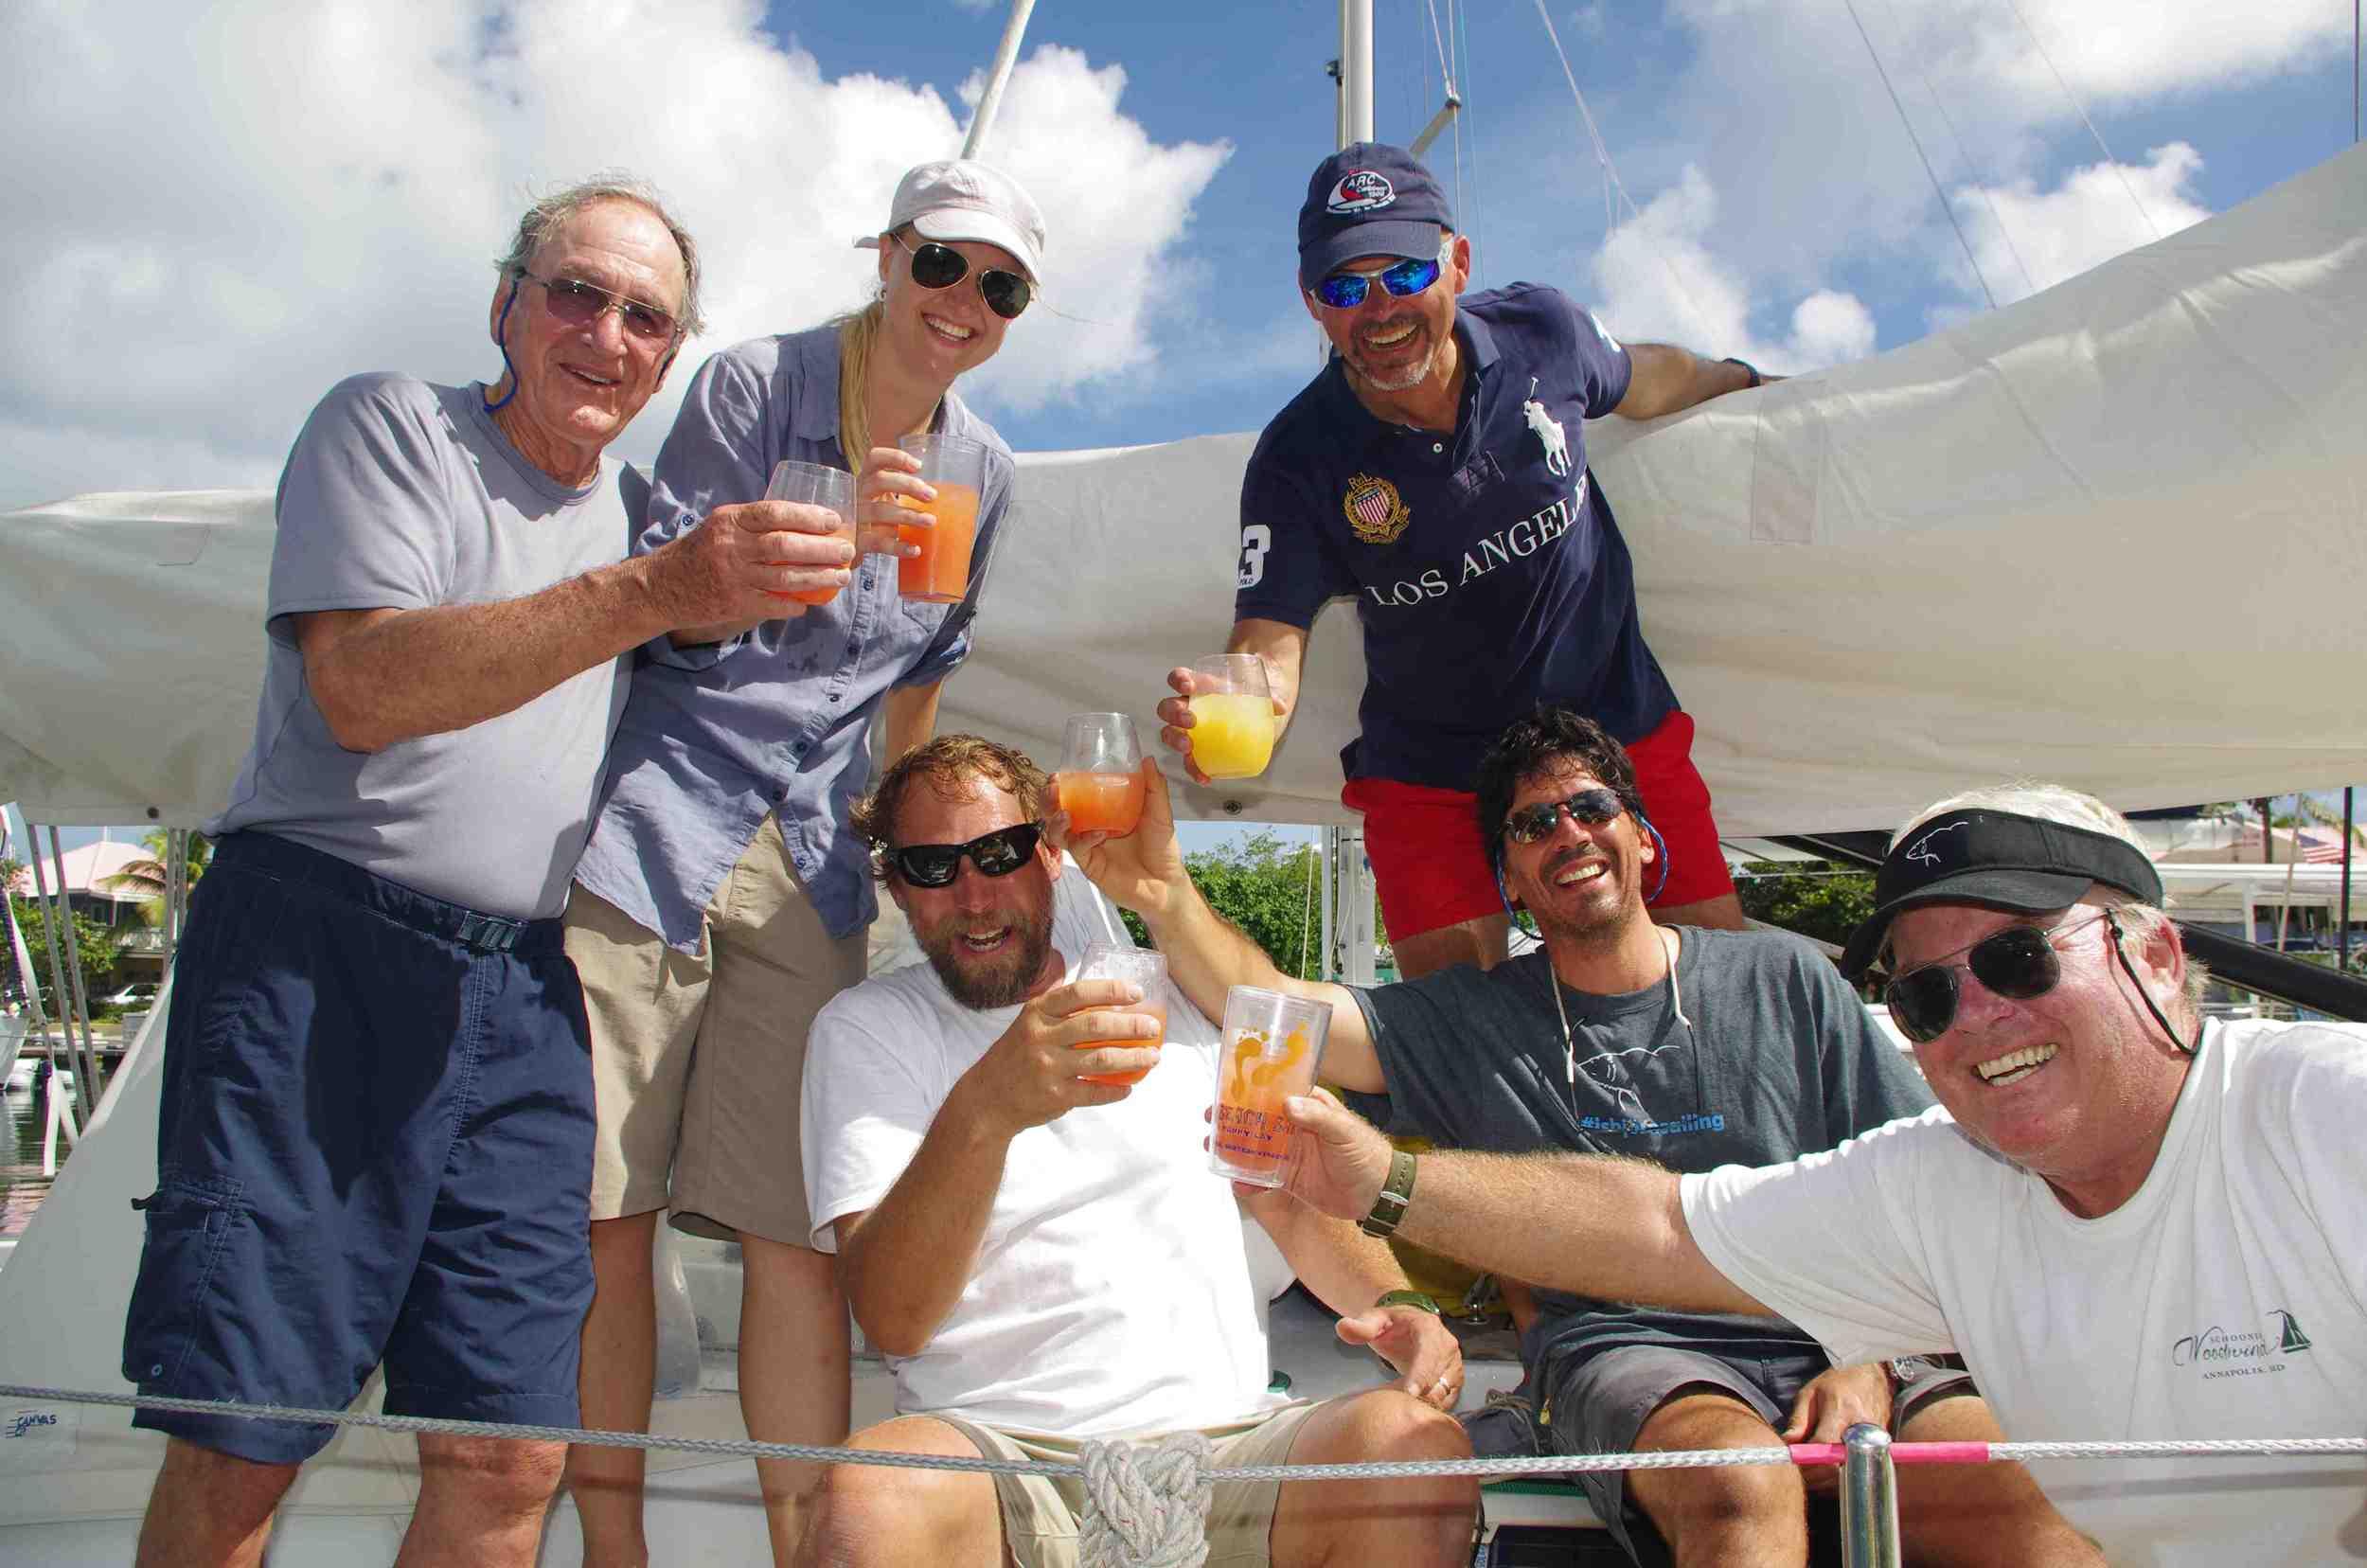 Isbjorn's Caribbean 1500 Crew, from Left: Tom Harkin, Lisa Jodensvi, Capt. Paul Exner, Rik van der Vaart (top), Walter Rush & Dennis Schell.